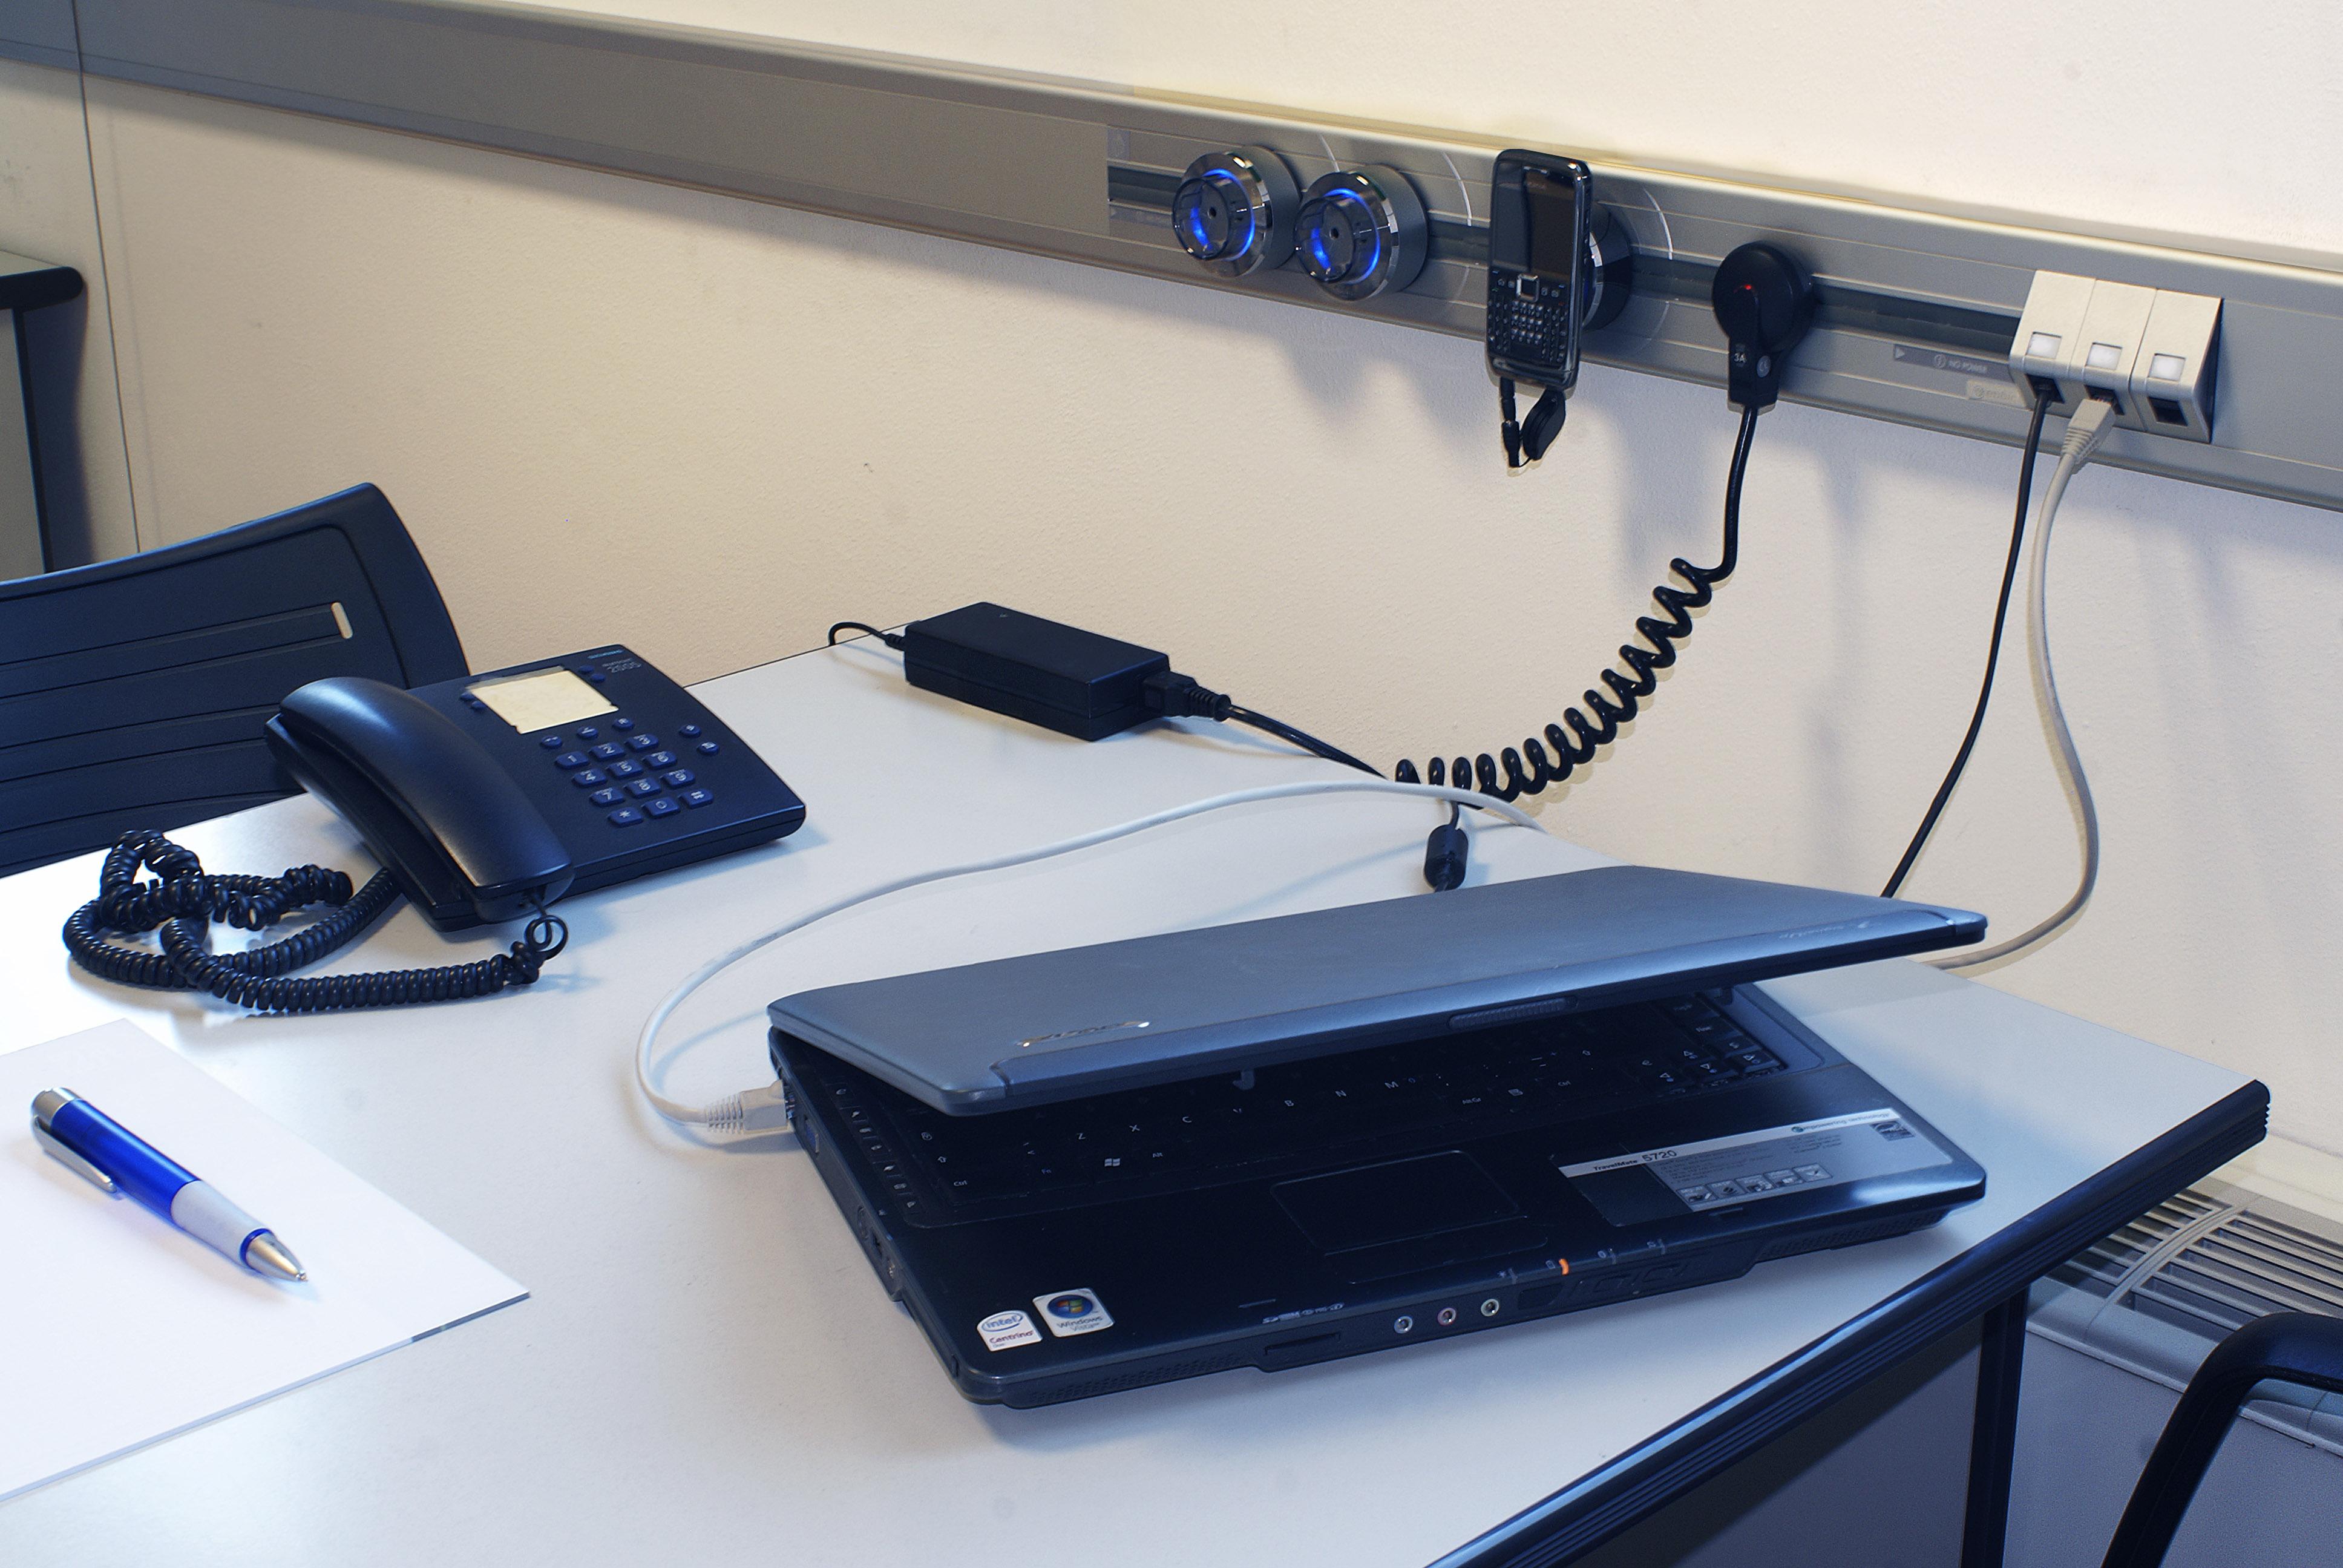 Solutii de conectare pentru bucatarii, livinguri, birouri, sali de conferinta, ateliere, spatii comerciale ACCESORIA GROUP - Poza 3